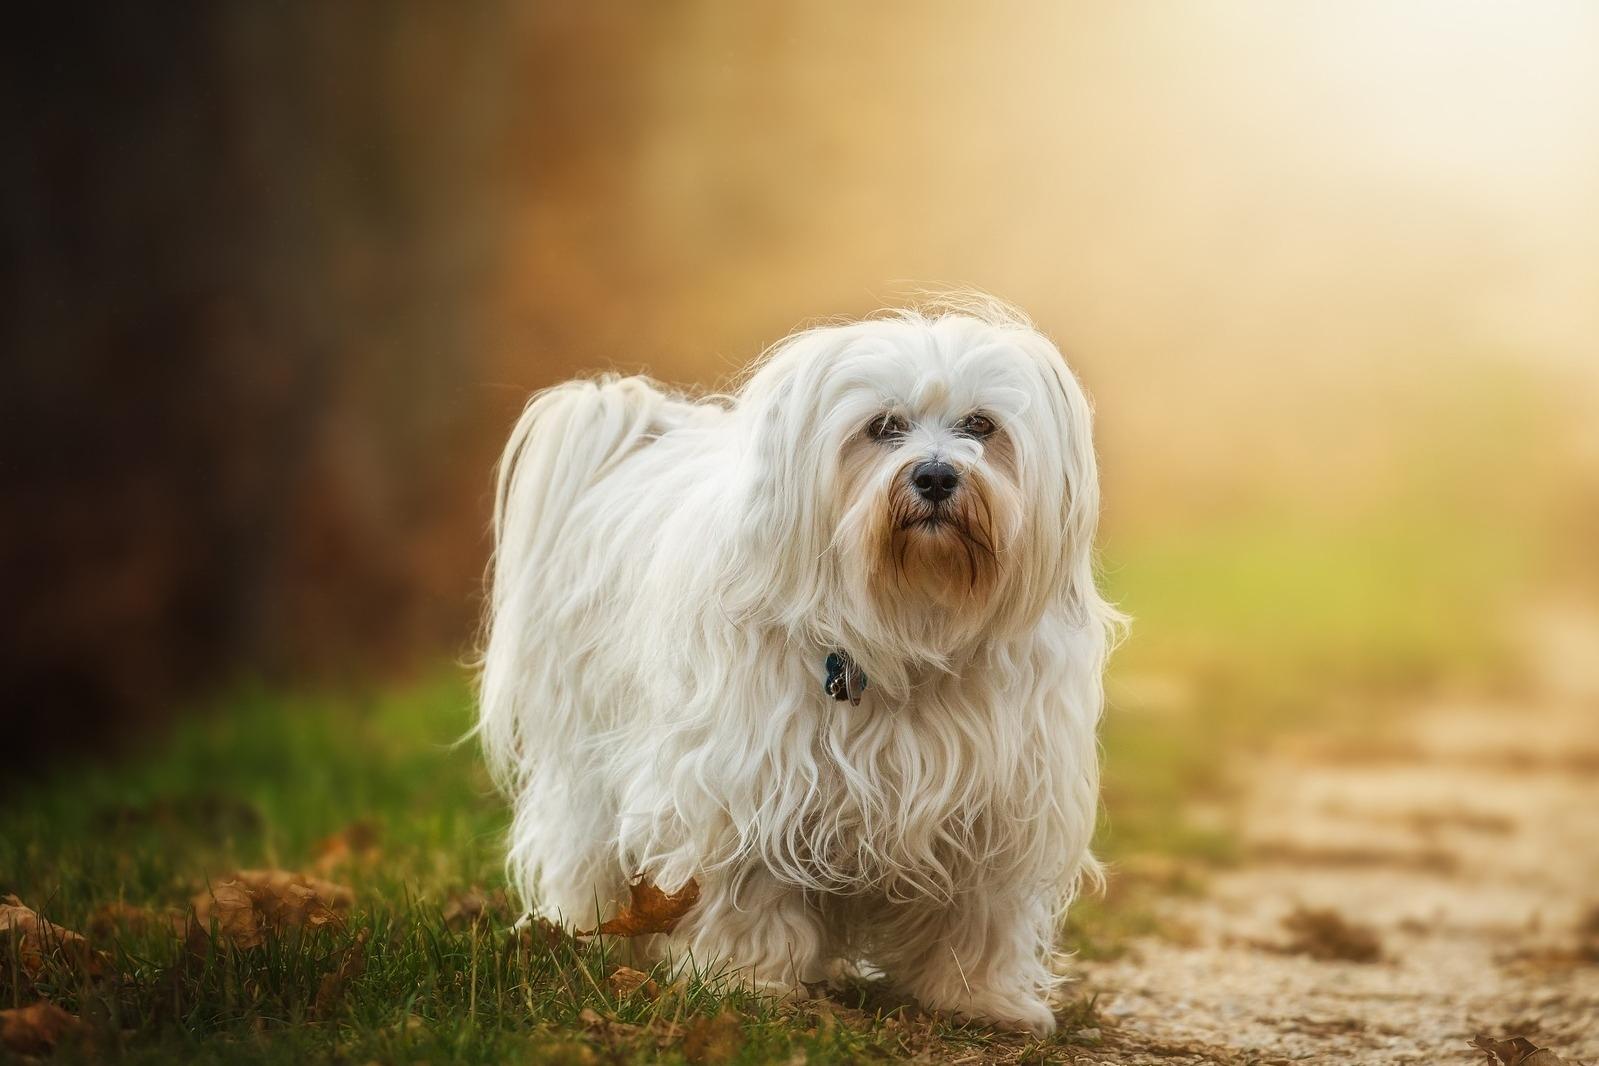 Havanský psík: Veselý ainteligentní psík se silnou závislostí na páníčkovi